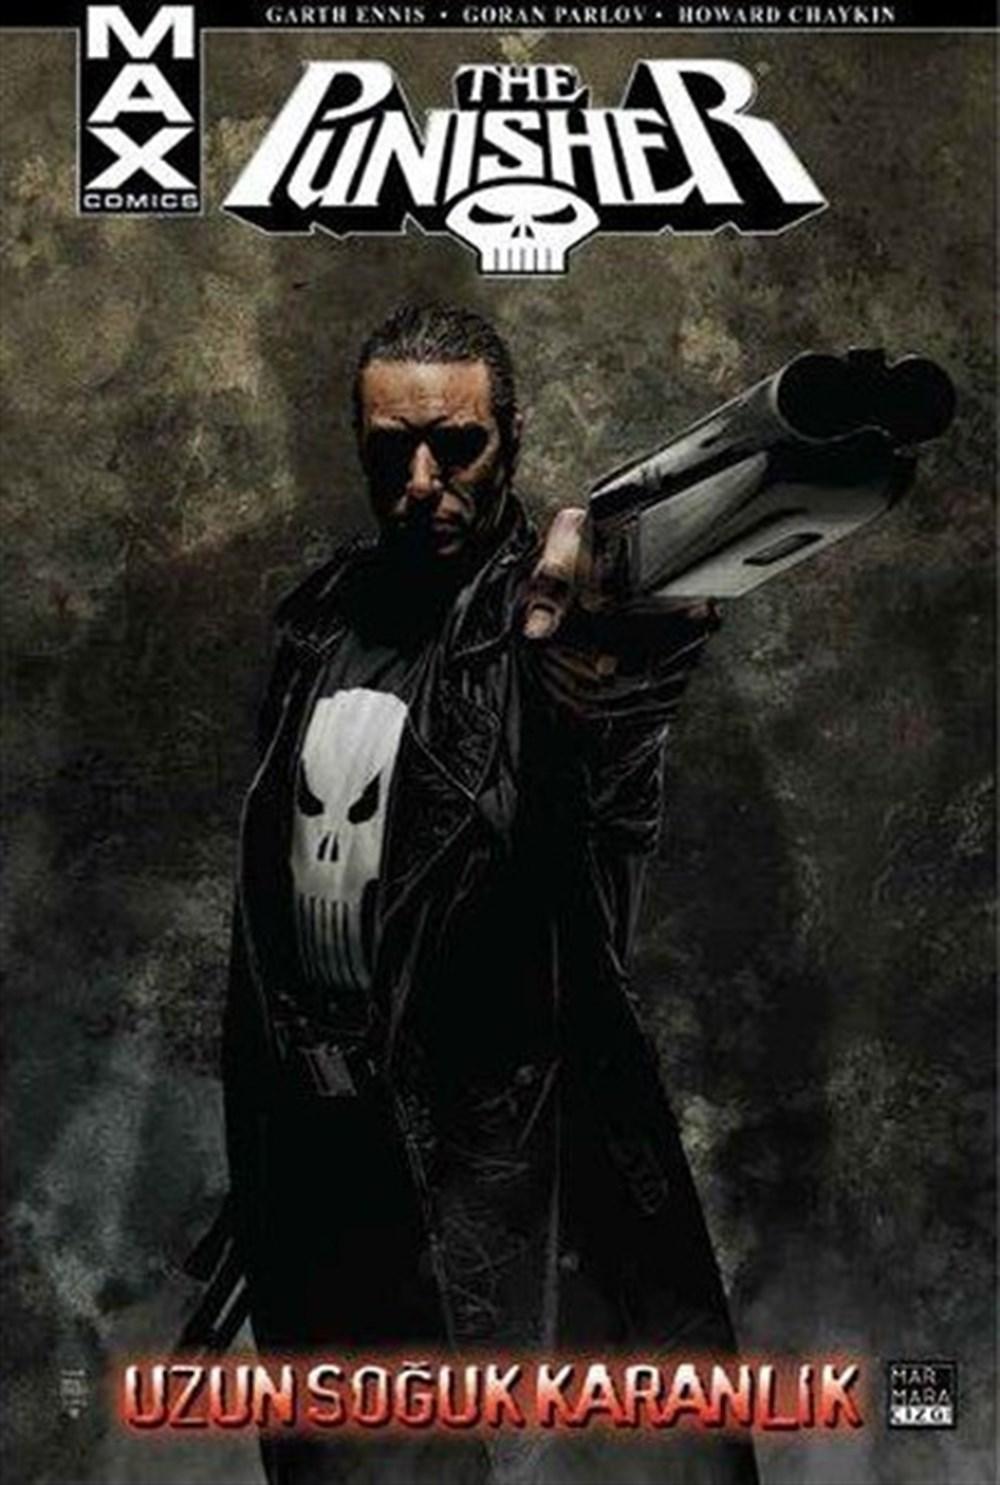 The Punisher Max 9: Uzun Soğuk Karanlık